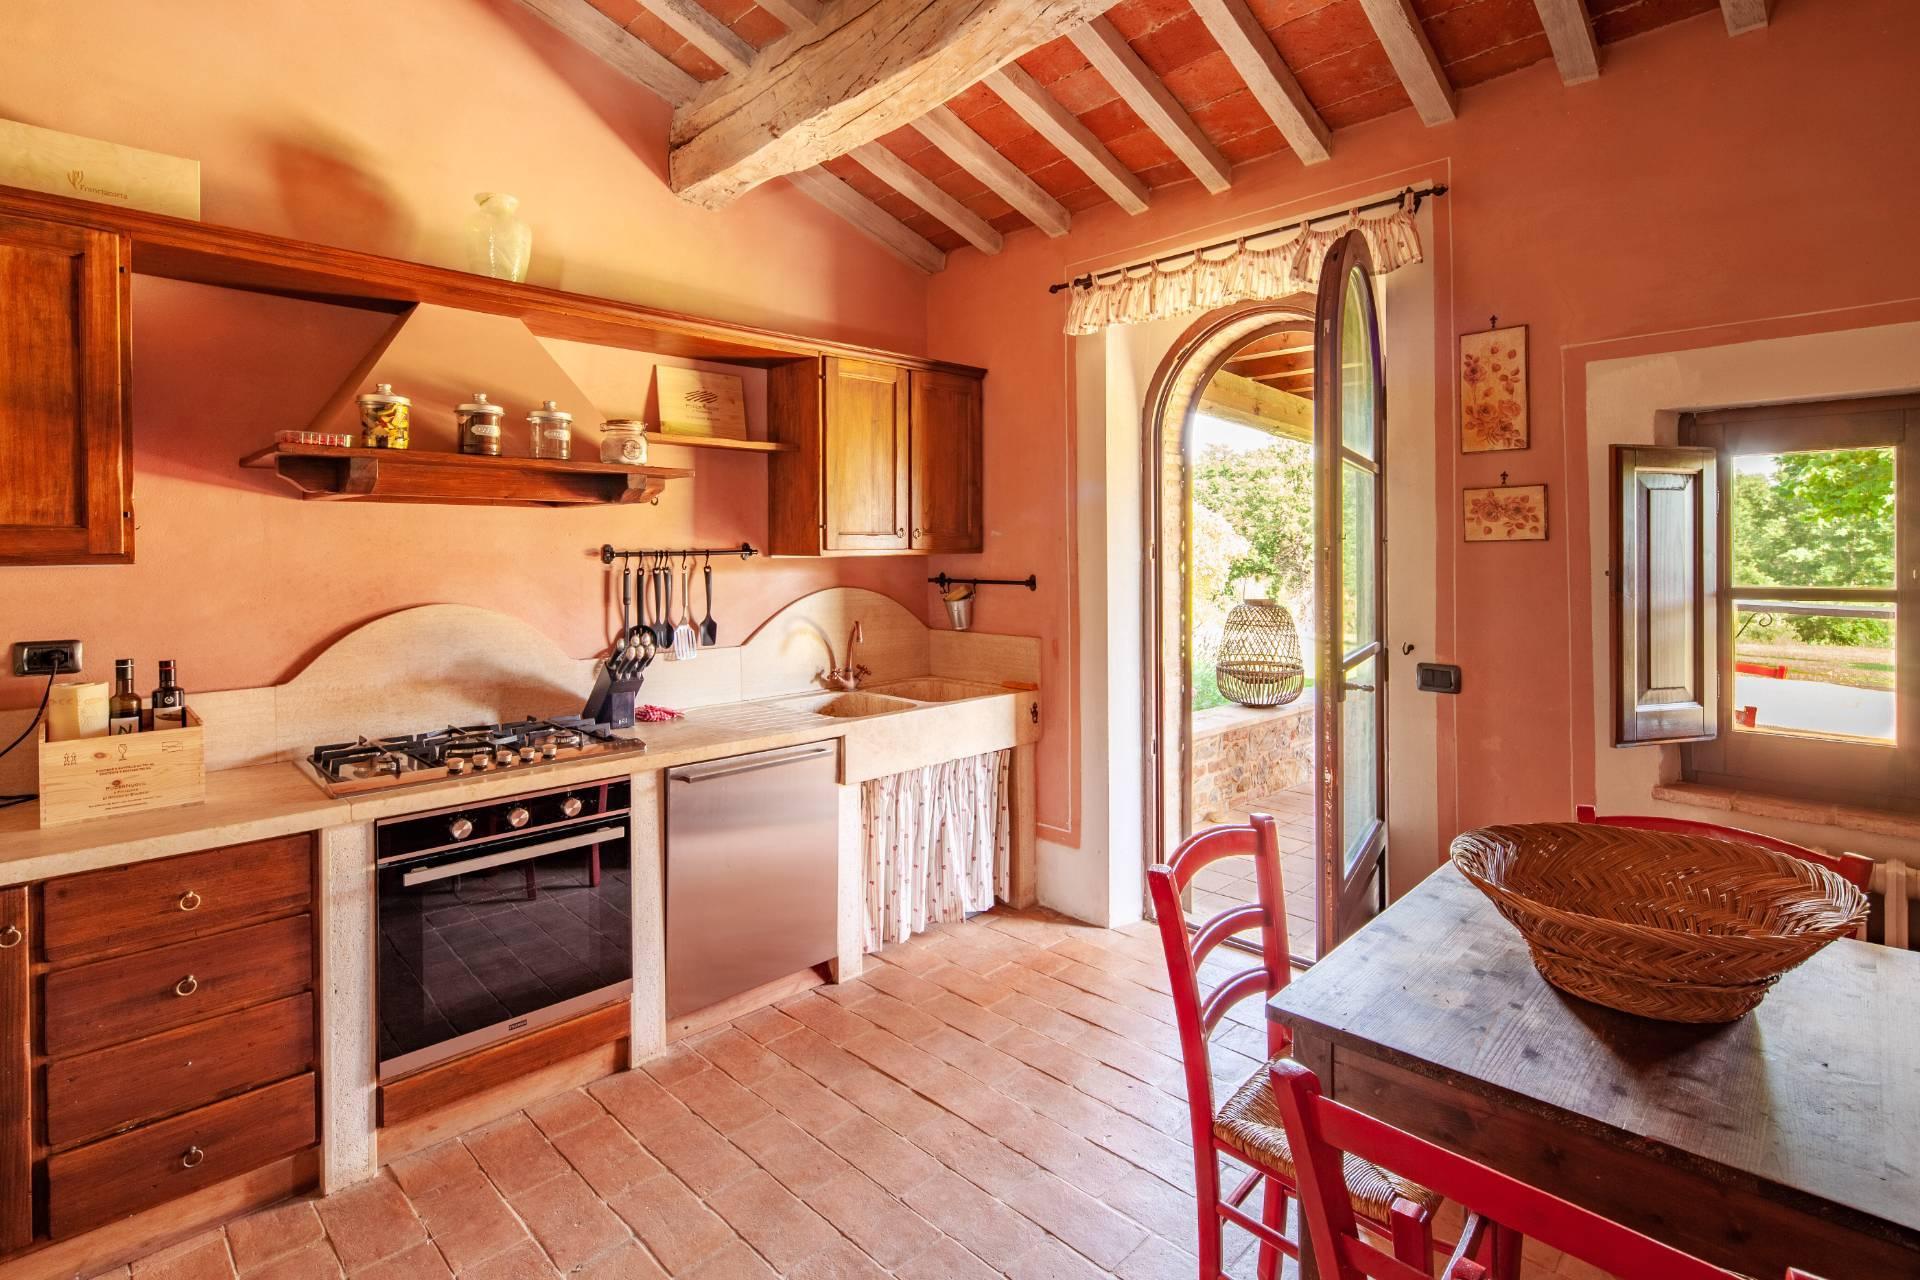 Villa in Vendita a Citta' Della Pieve: 5 locali, 300 mq - Foto 7